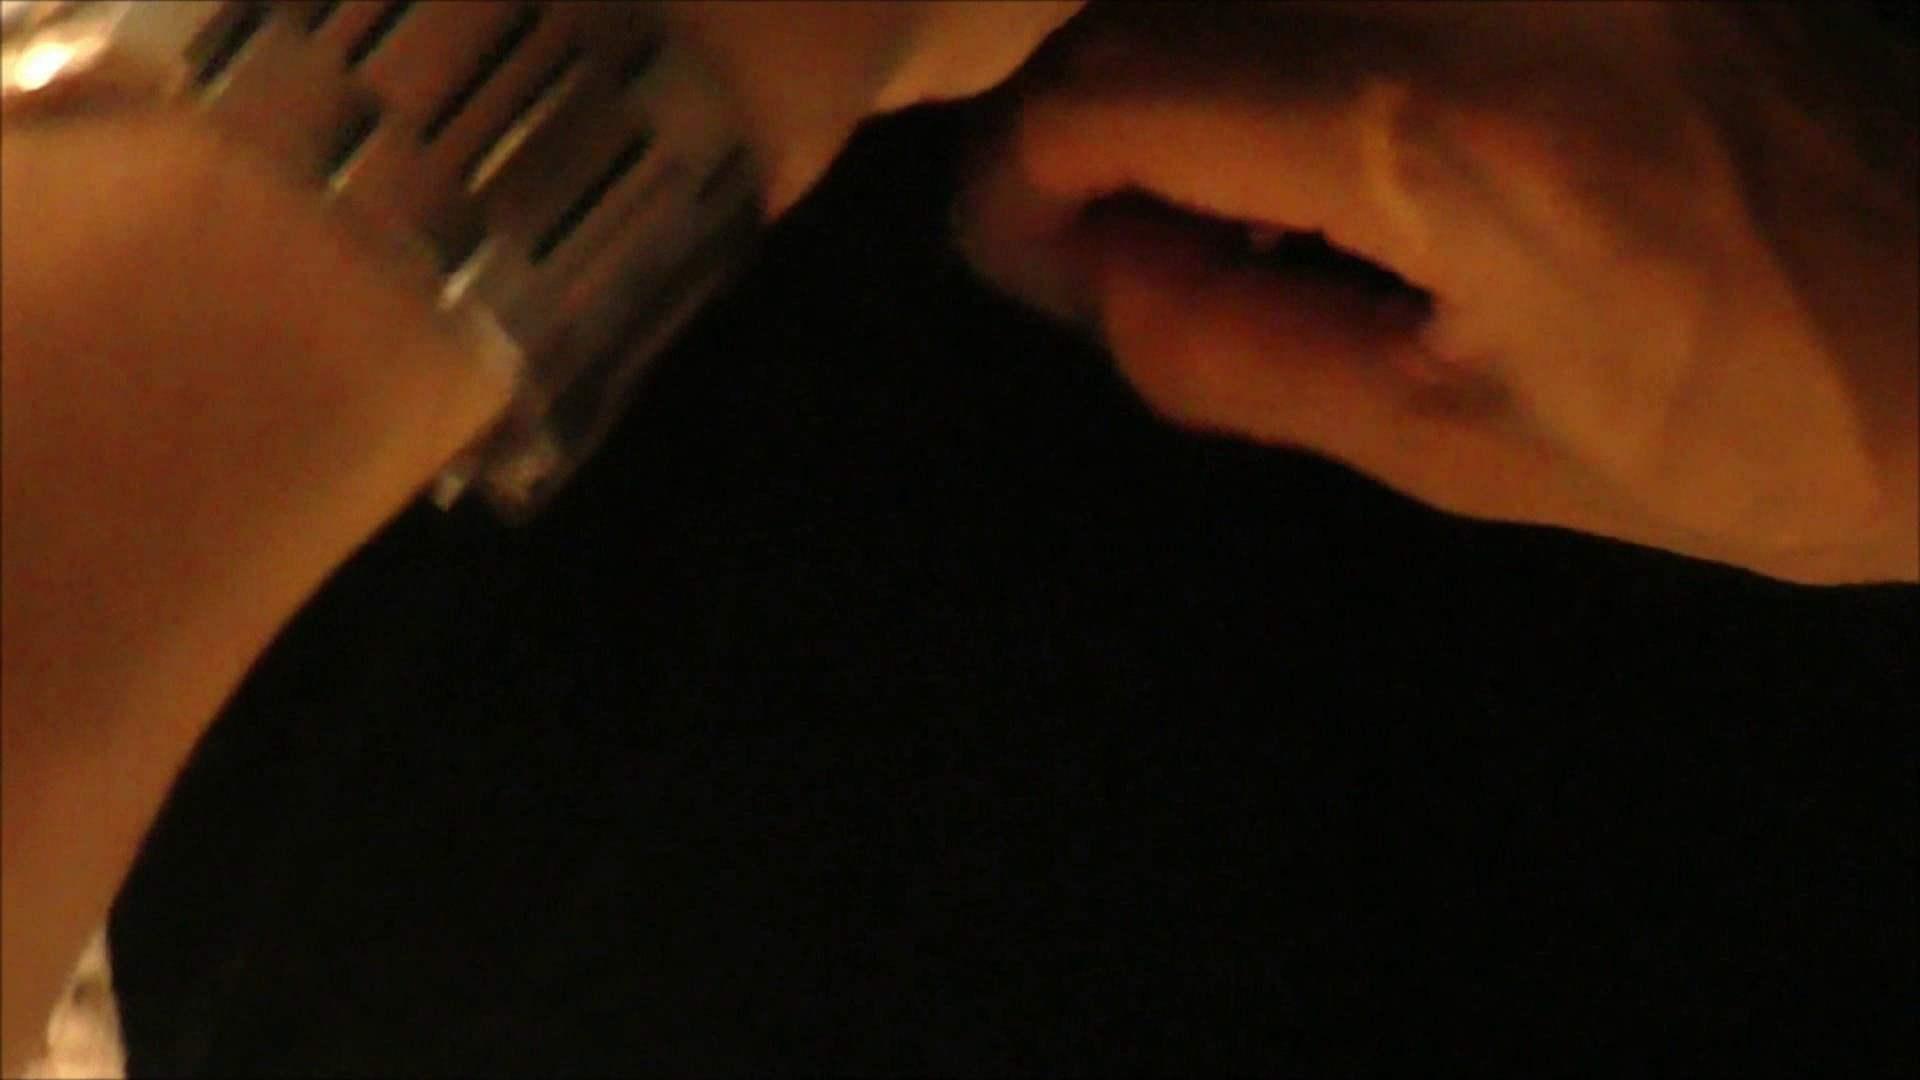 悪戯ネットカフェ Vol.08前編 発見見ててもぬれるんです! 悪戯 オマンコ無修正動画無料 76連発 54